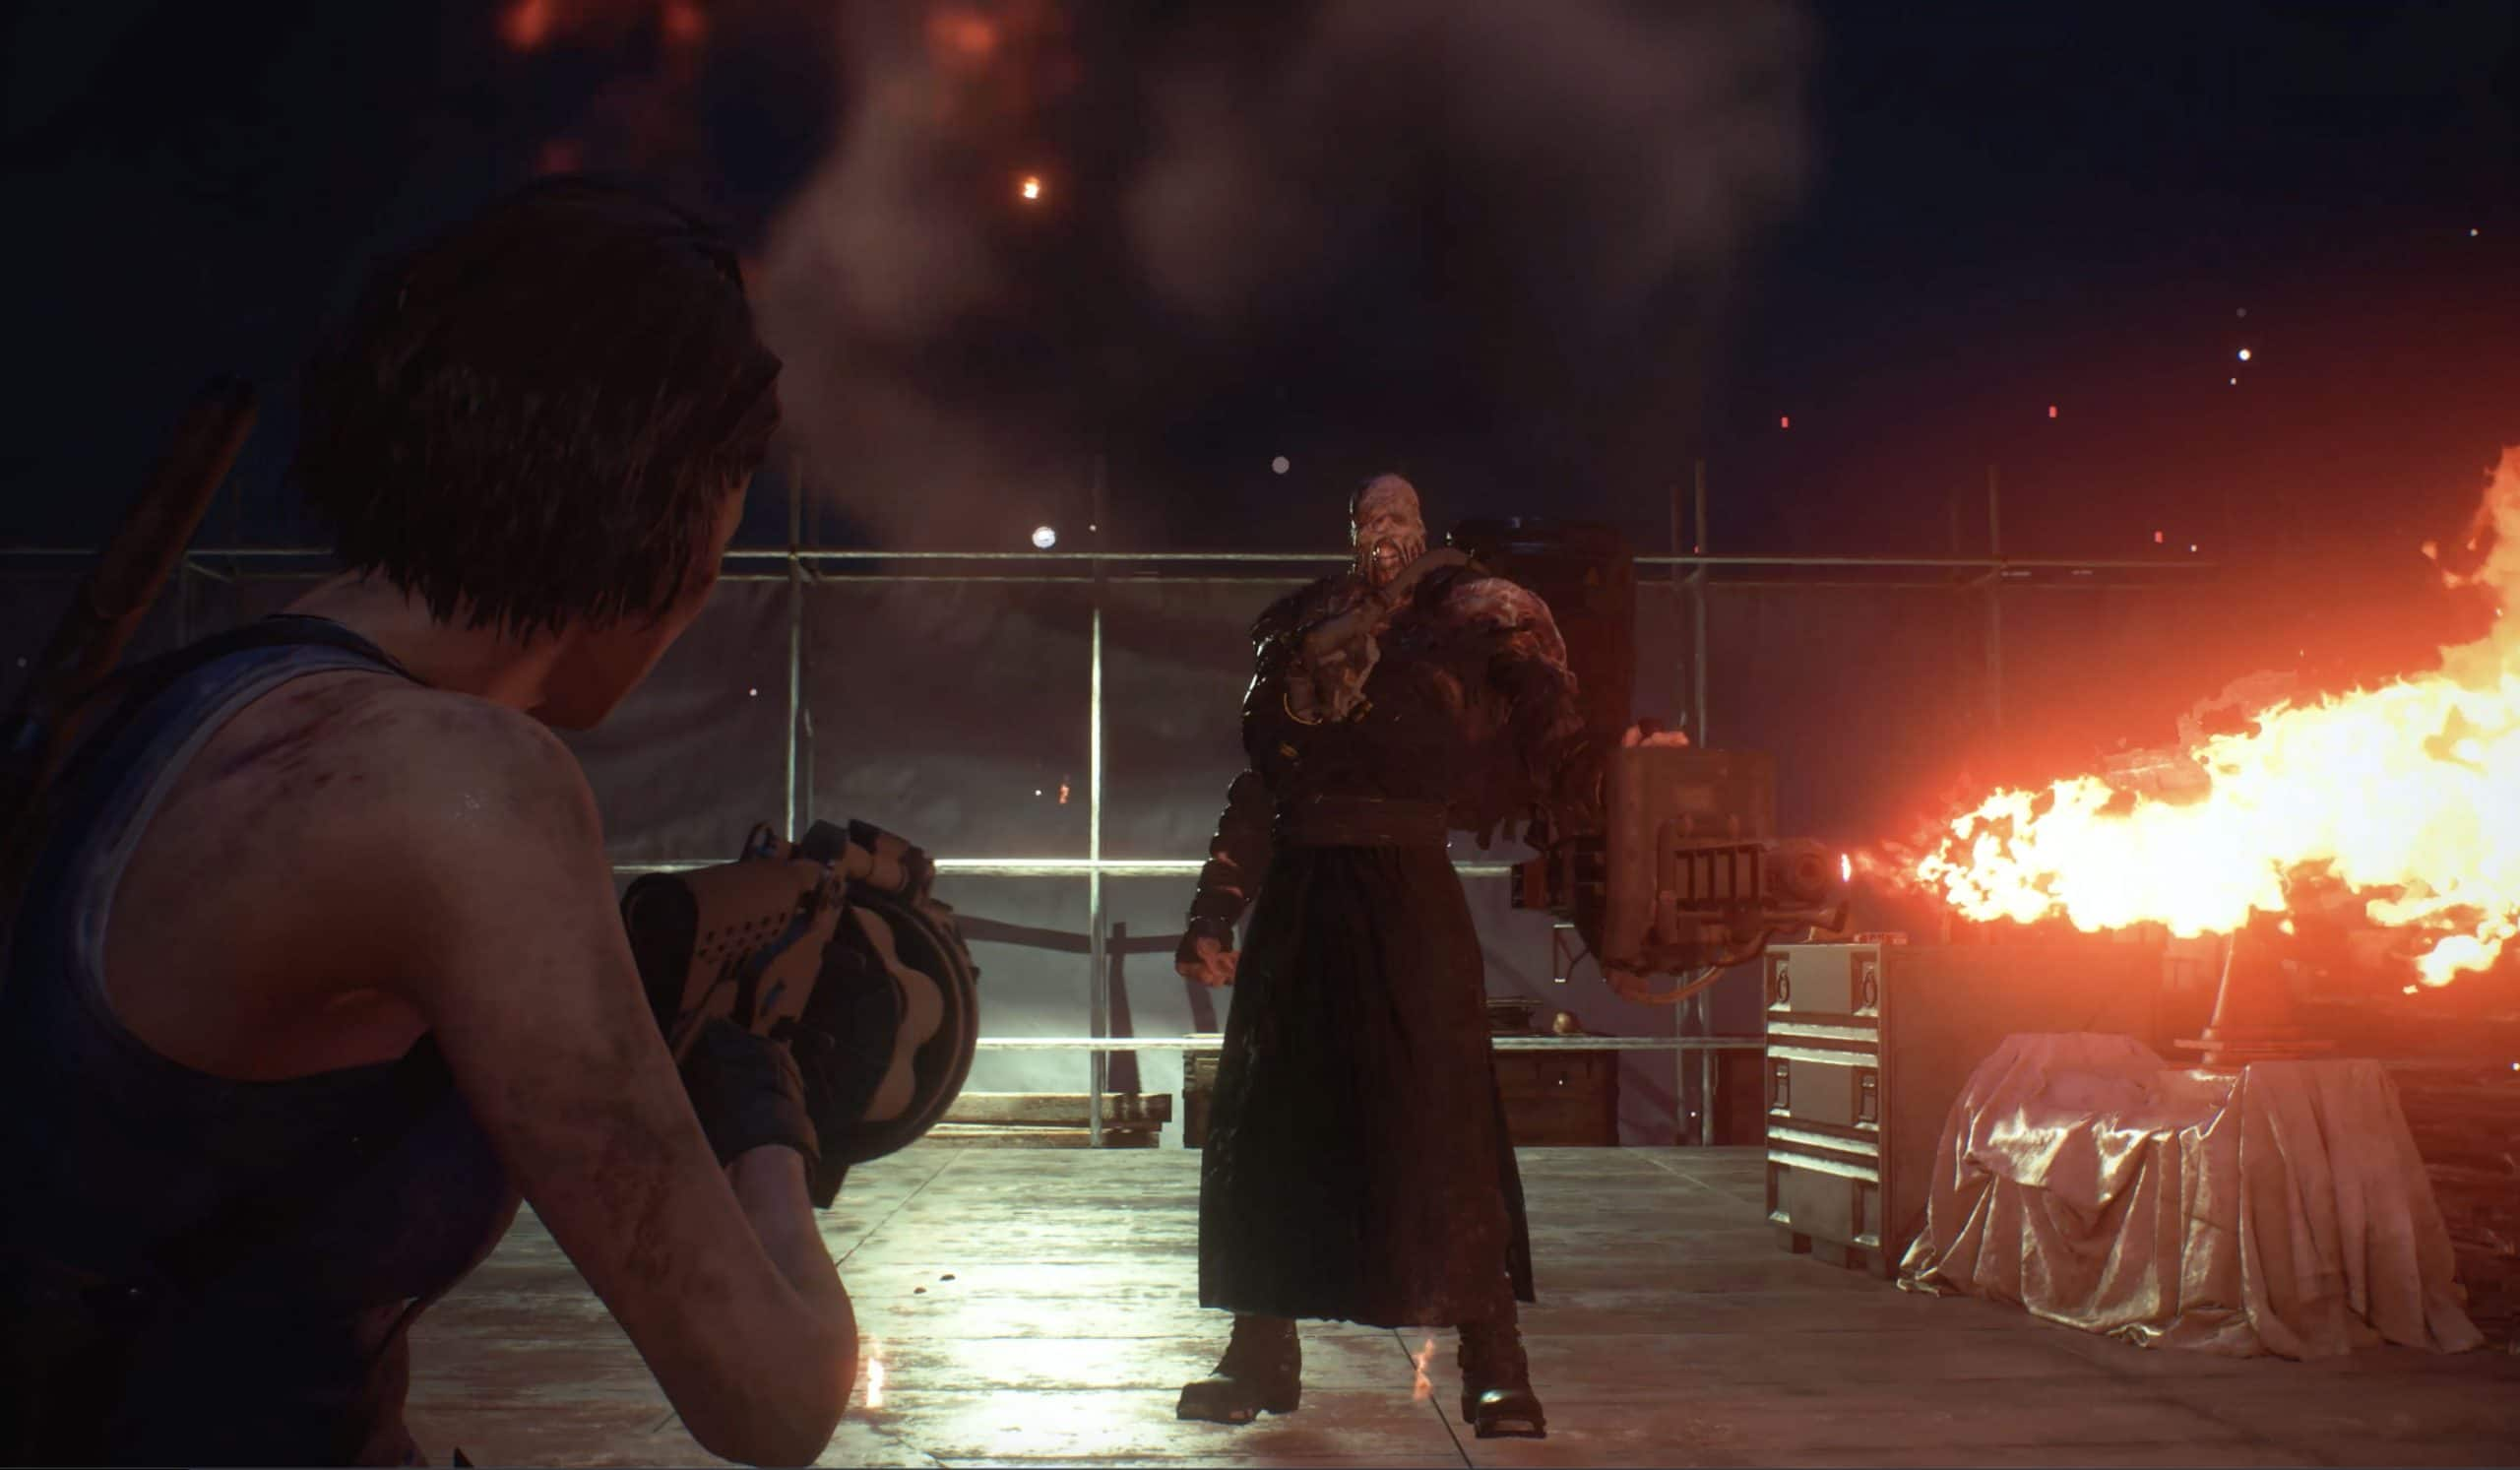 [Jogamos] Resident Evil 3 vai assustar e agradar muito aos fãs 2